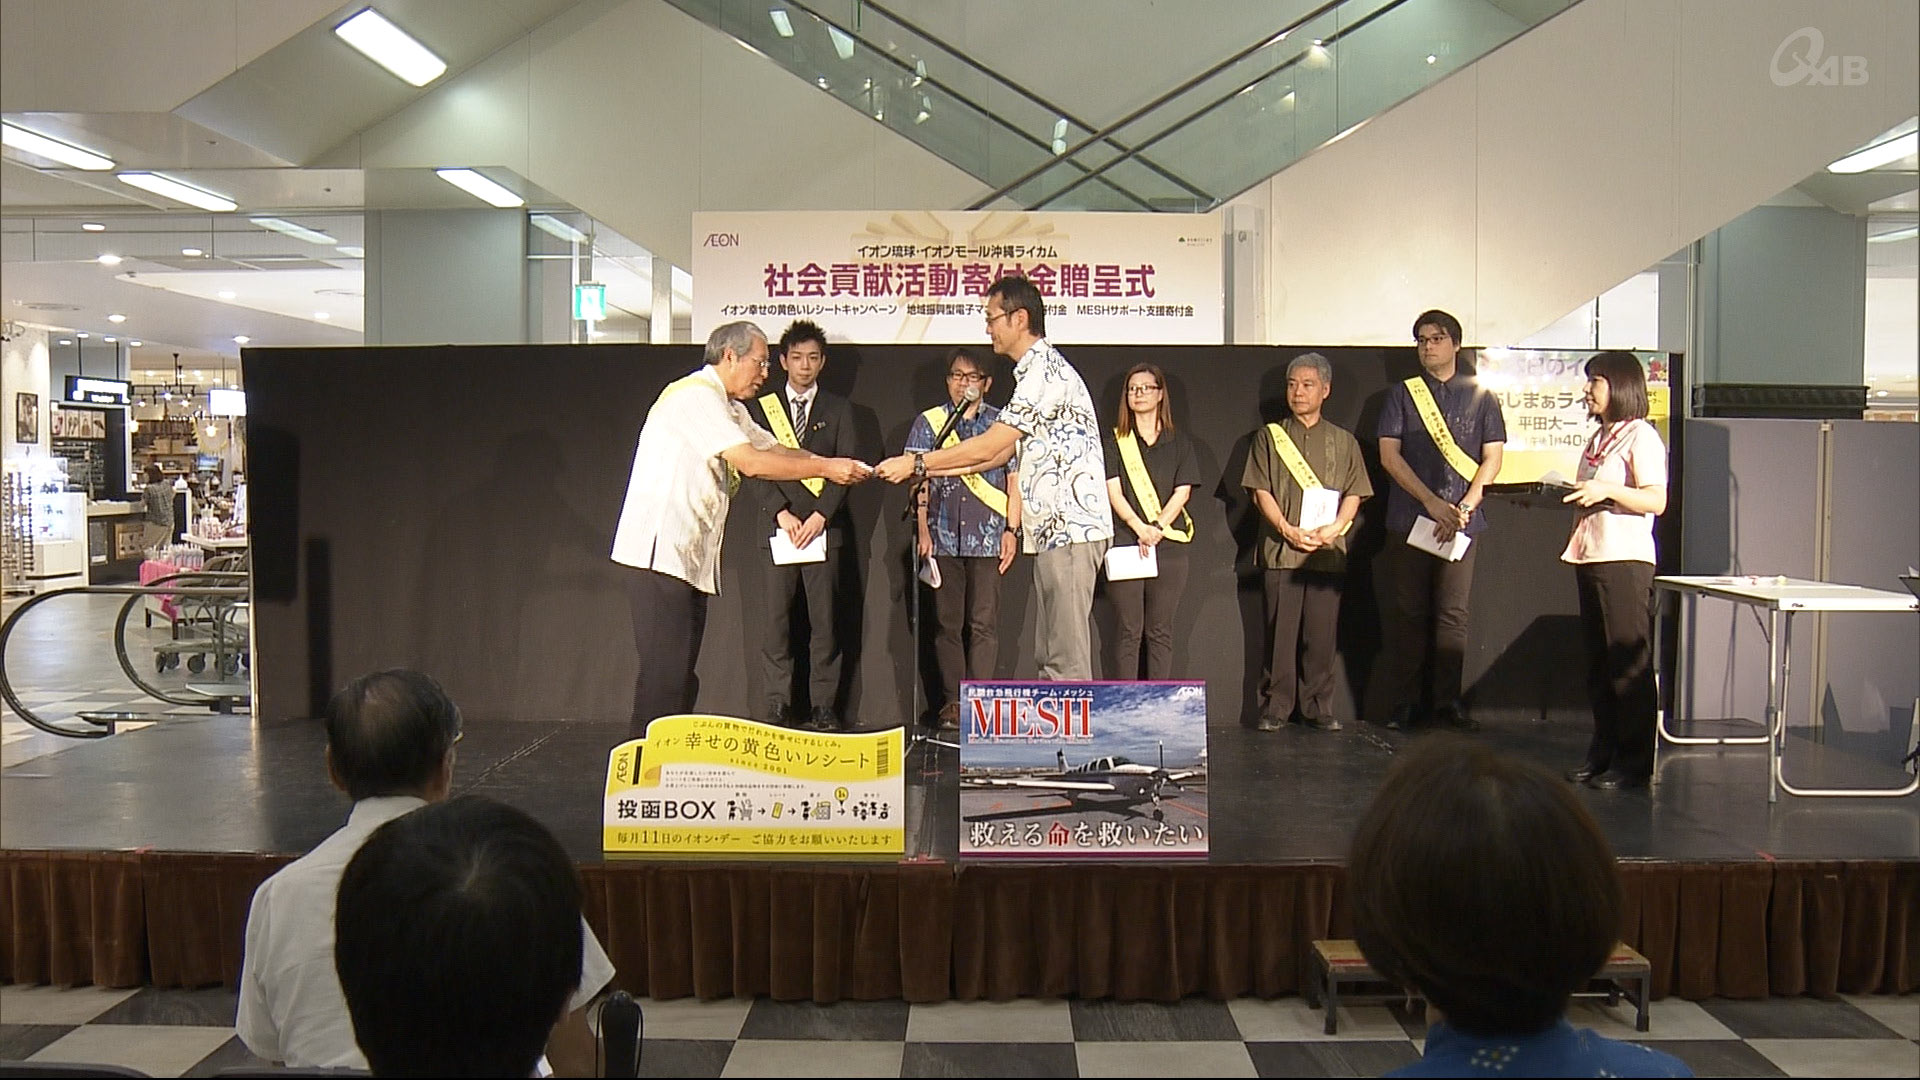 イオン琉球 地域の団体へ寄付金贈呈